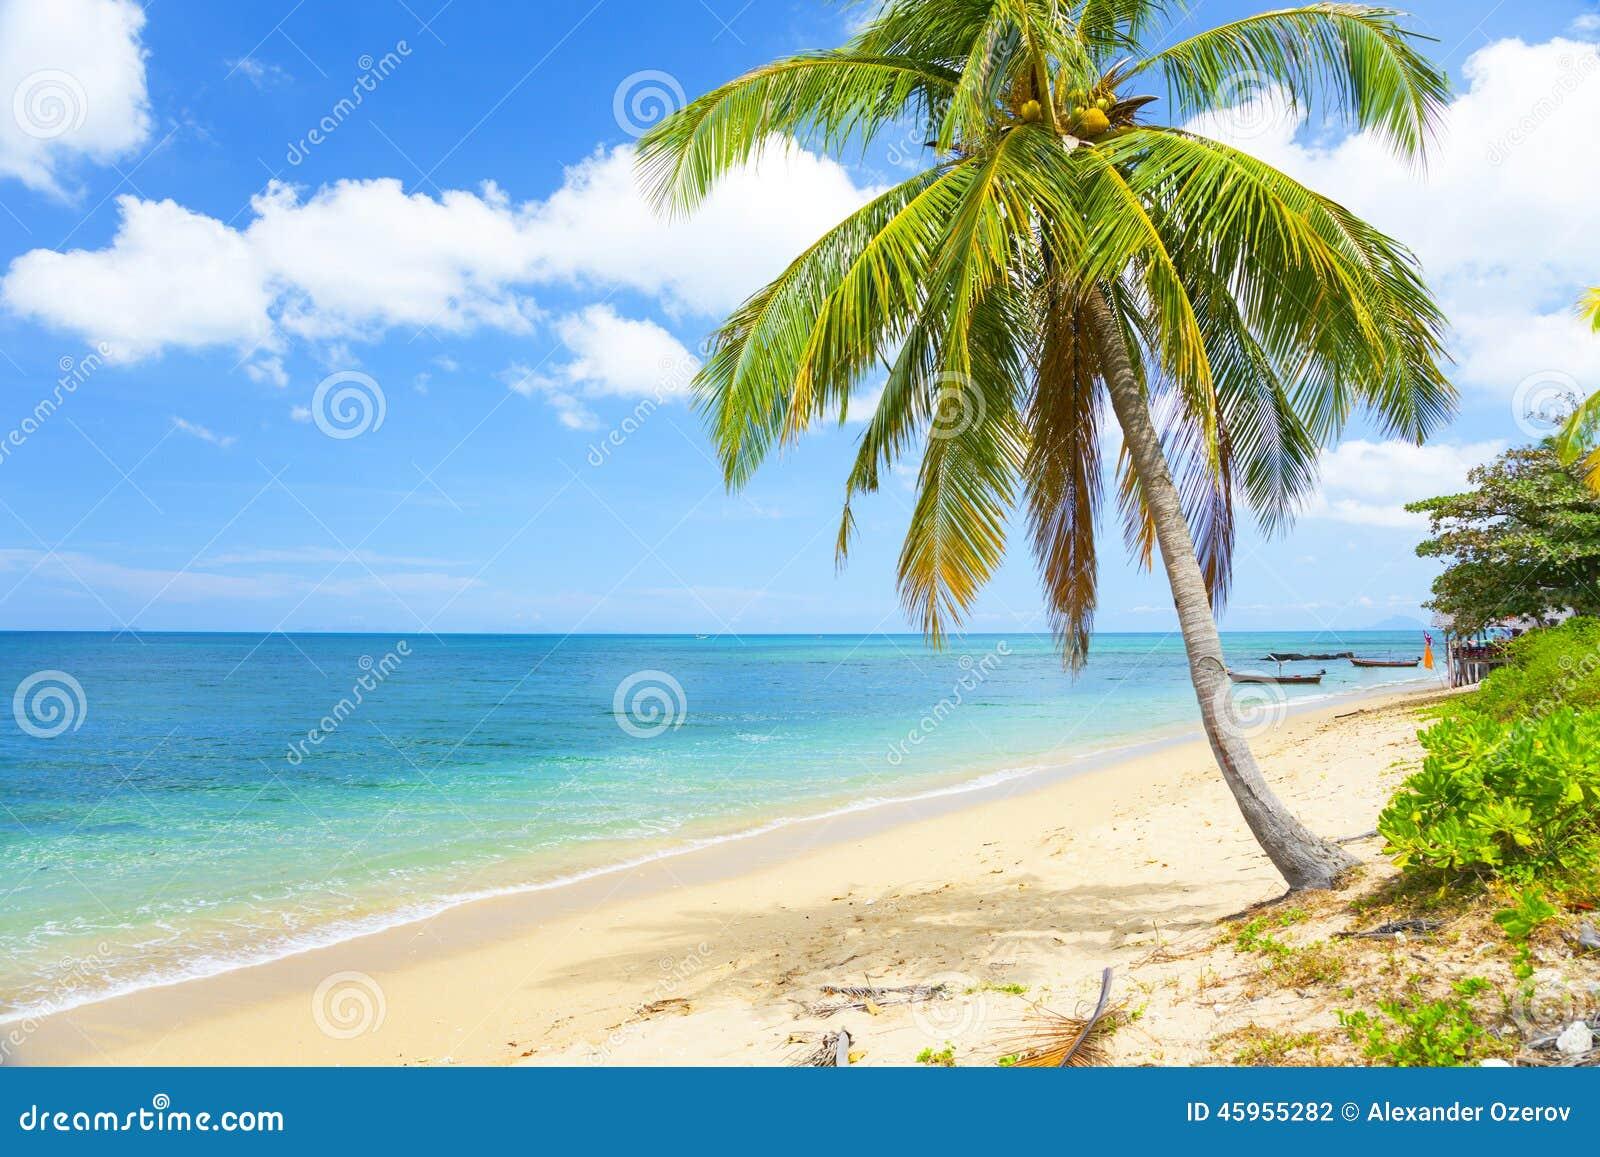 Spiaggia tropicale con la palma di noce di cocco